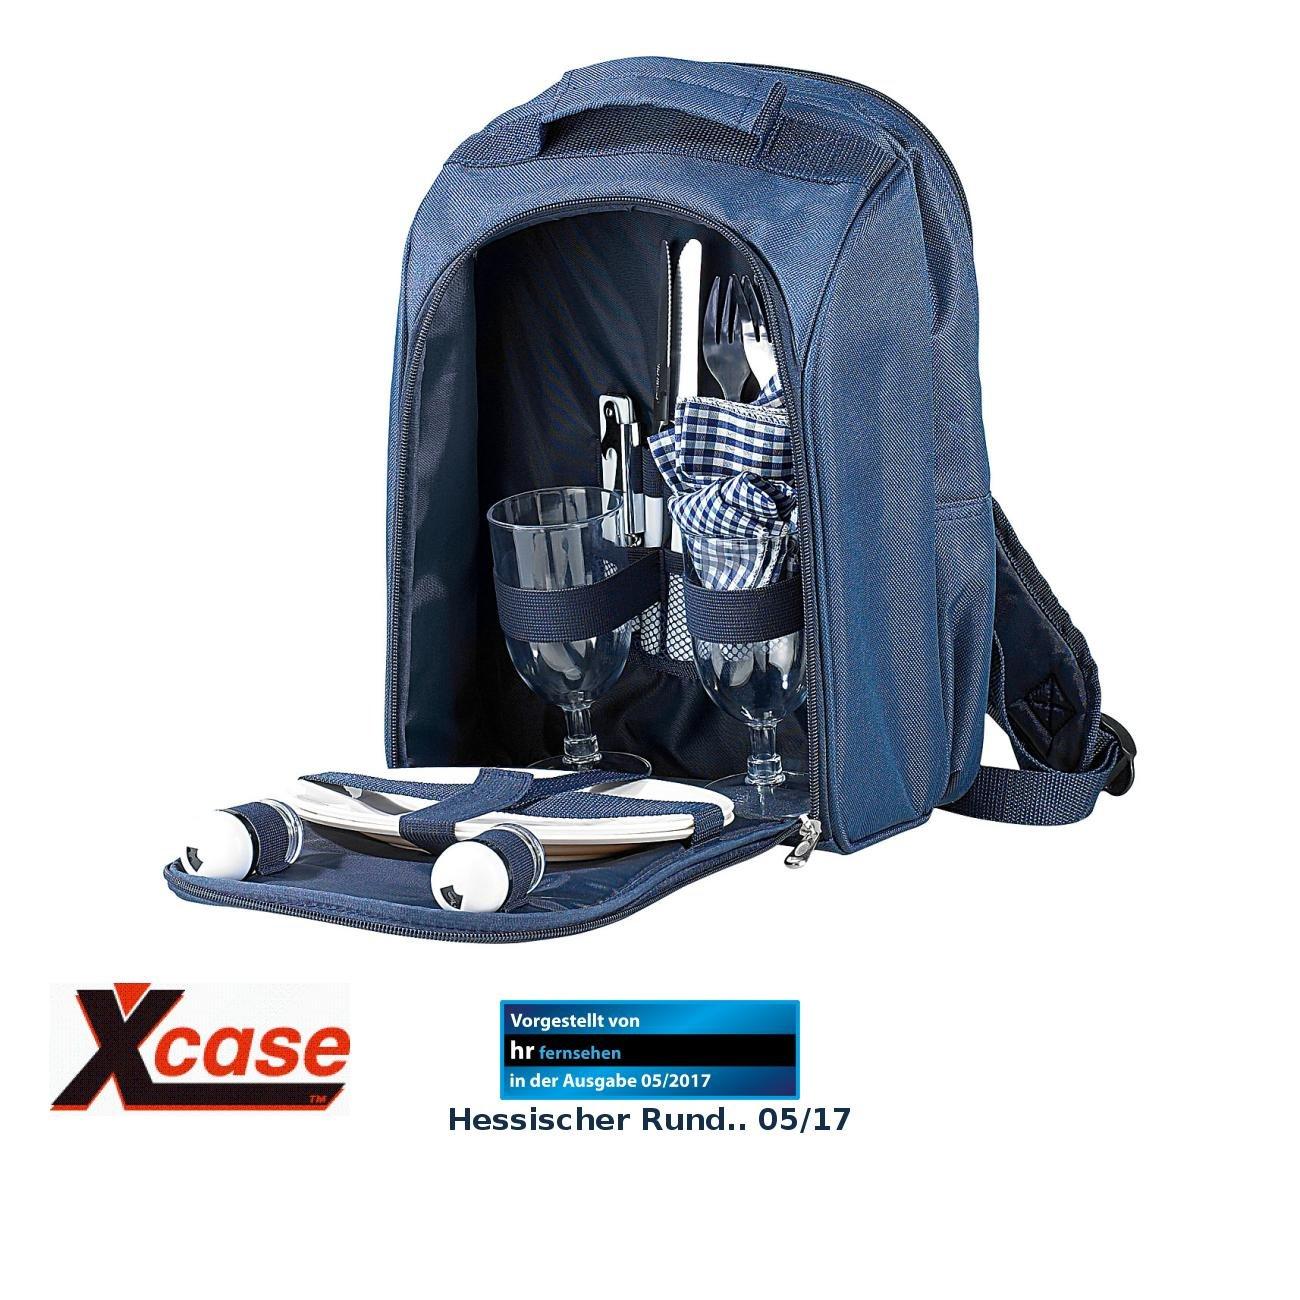 Xcase Thermo-Picknickrucksack mit Kühlfach, bestückt für 2 Personen